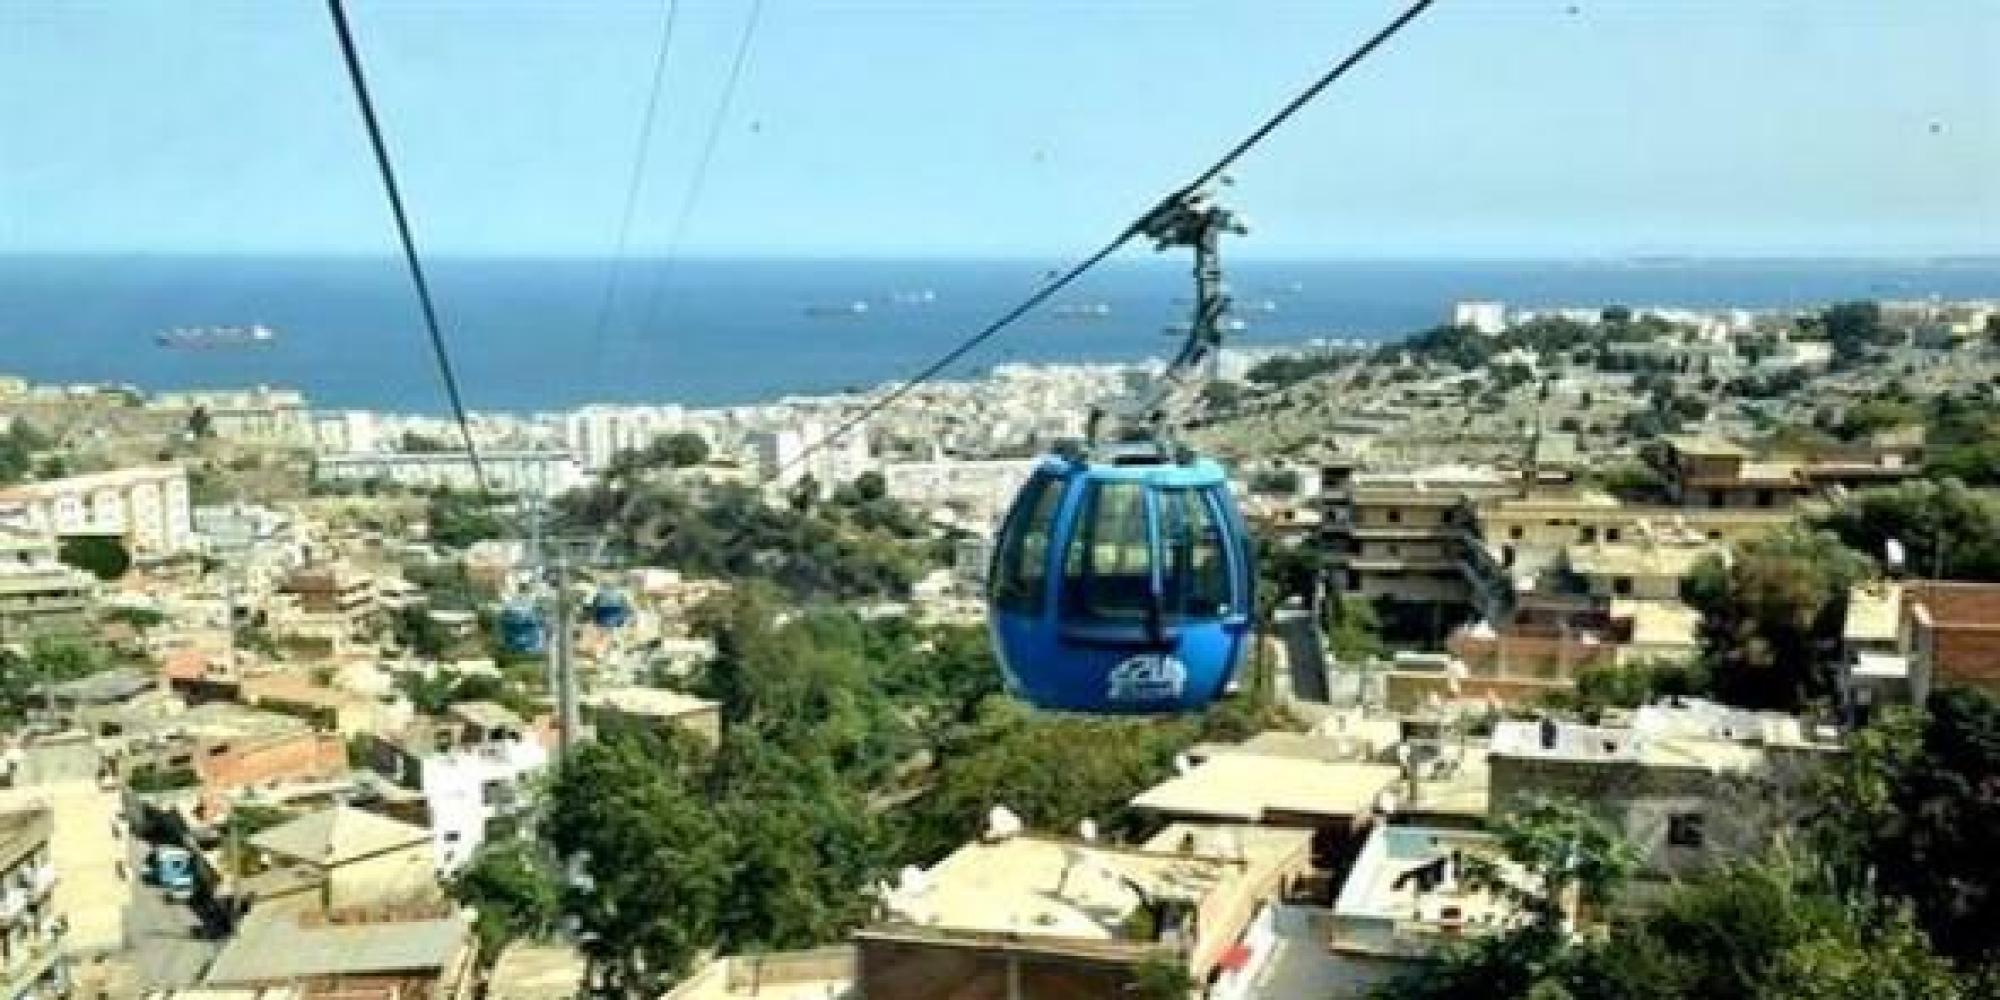 le téléphérique Oued Koriche-Bouzaréah sera mis à l'arrêt les 1 et 2 décembre